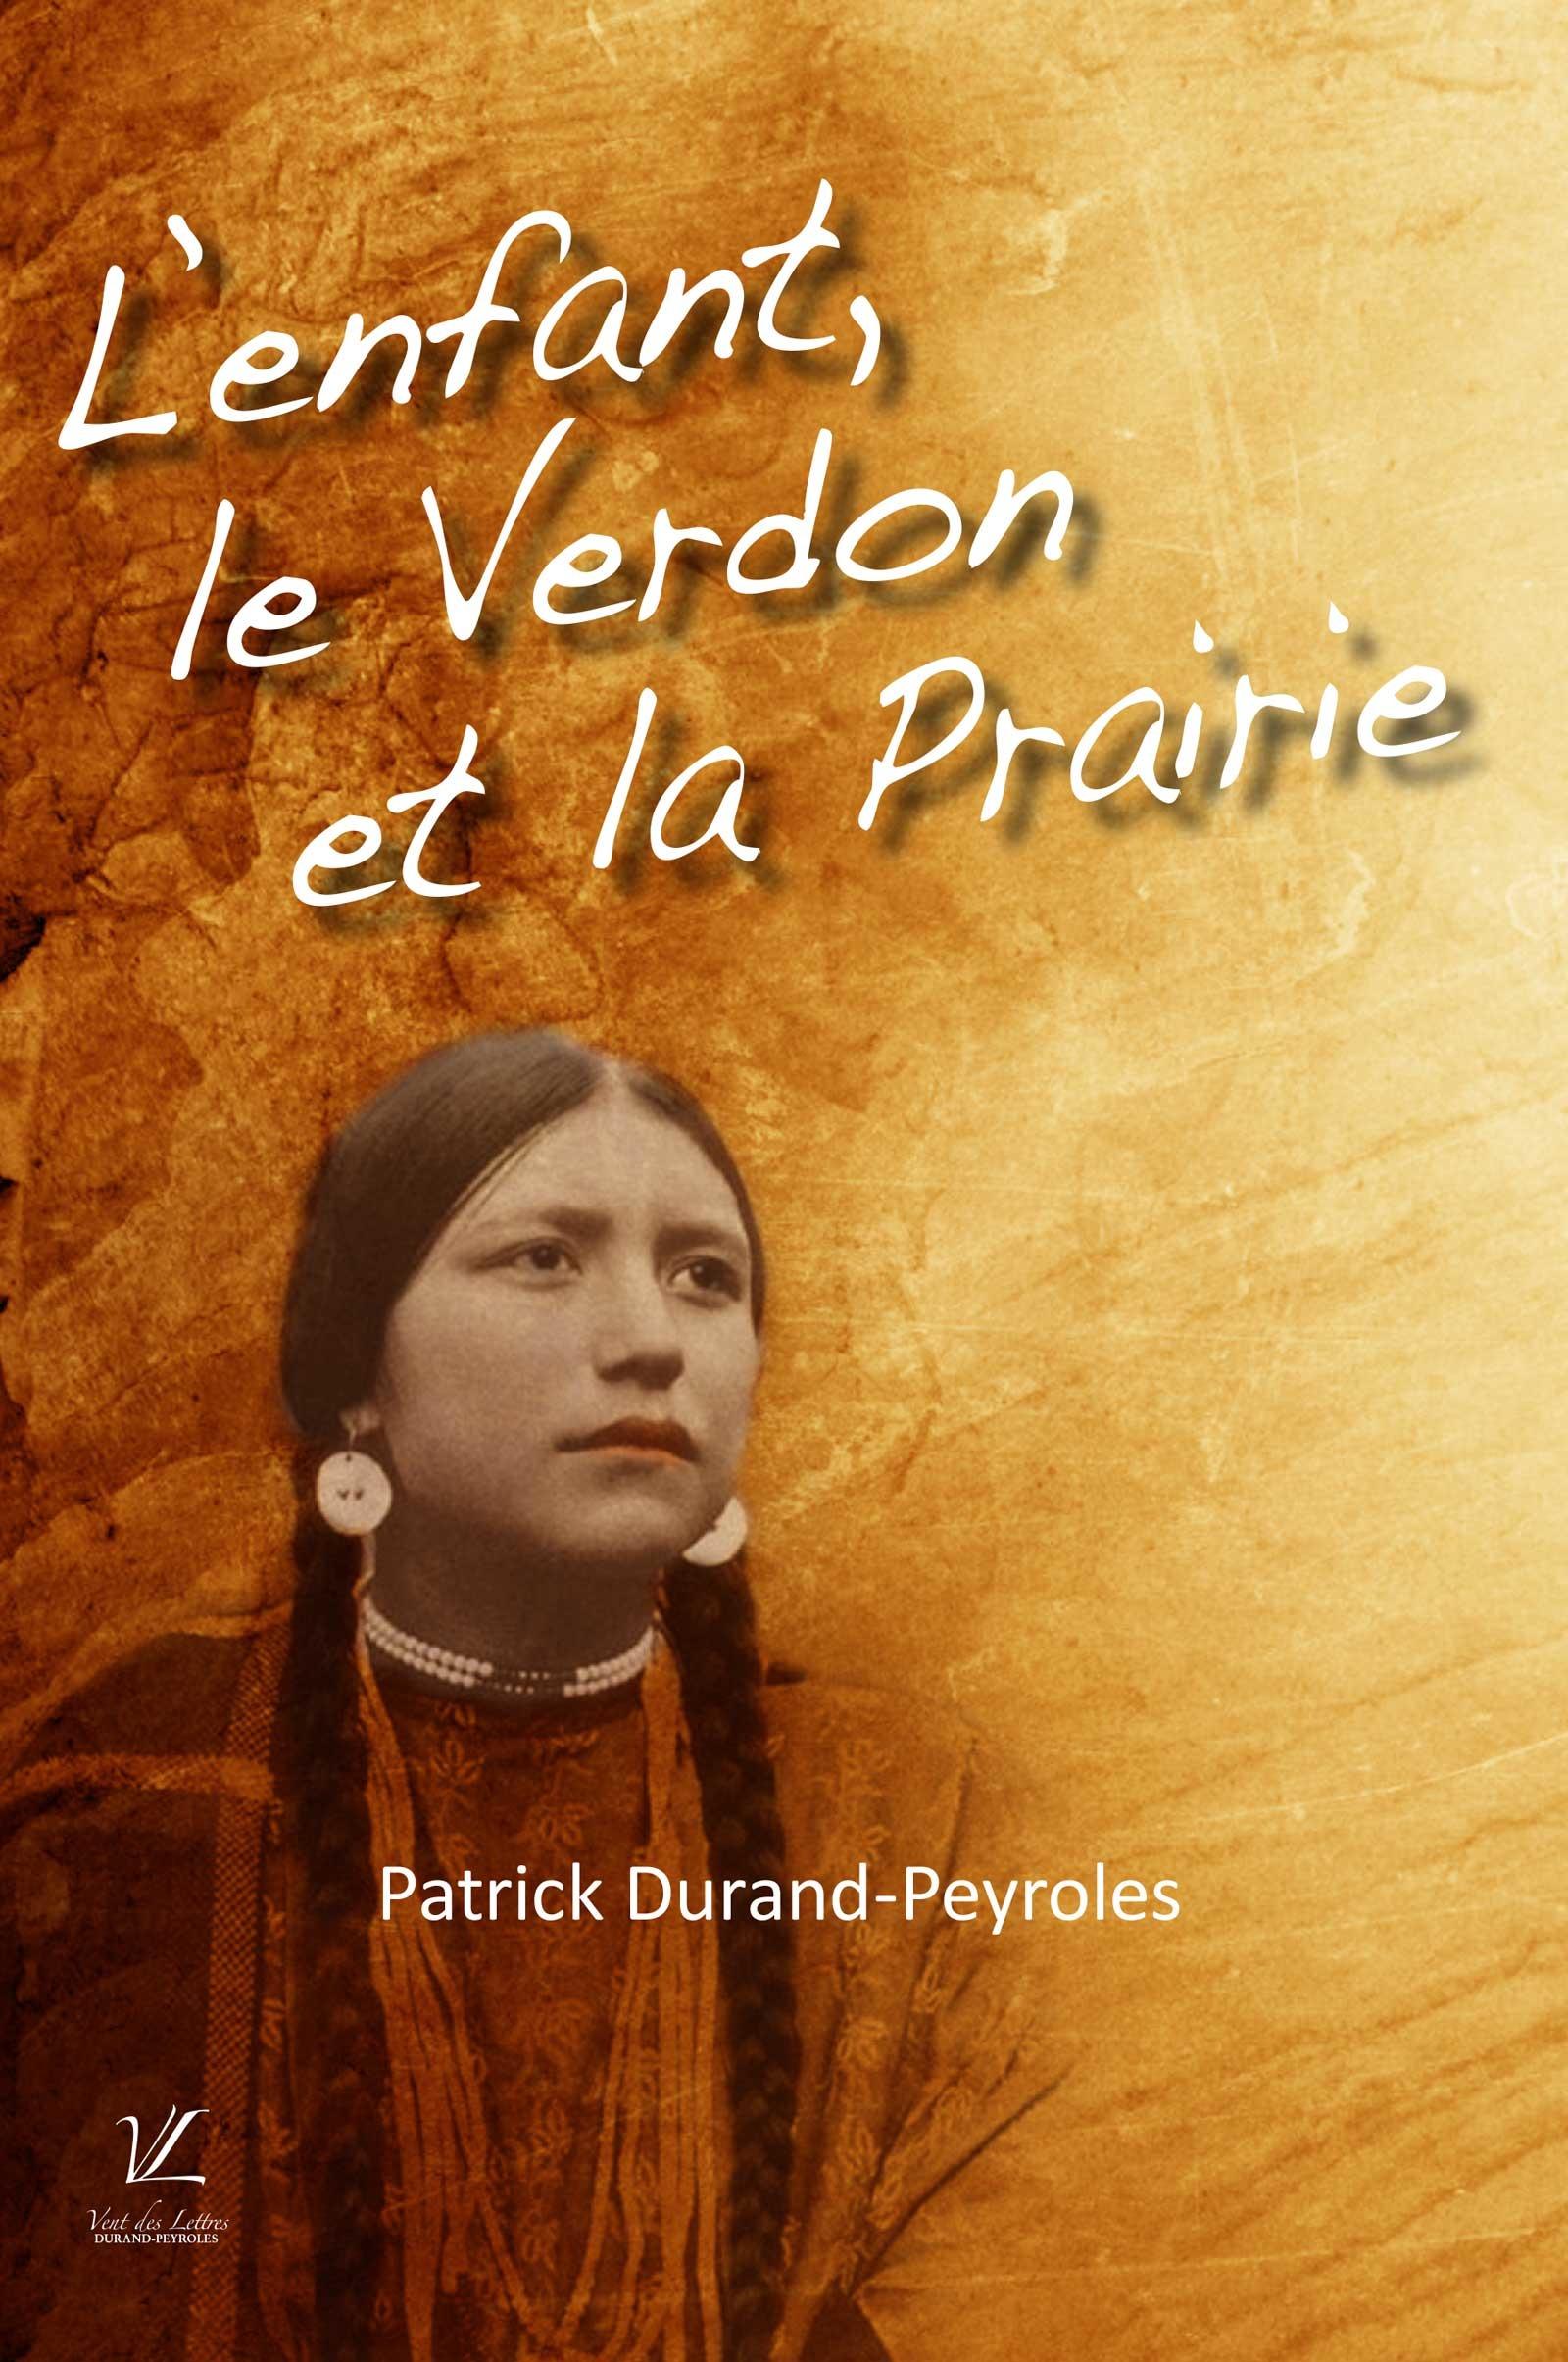 L'enfant, le Verdon et la Prairie